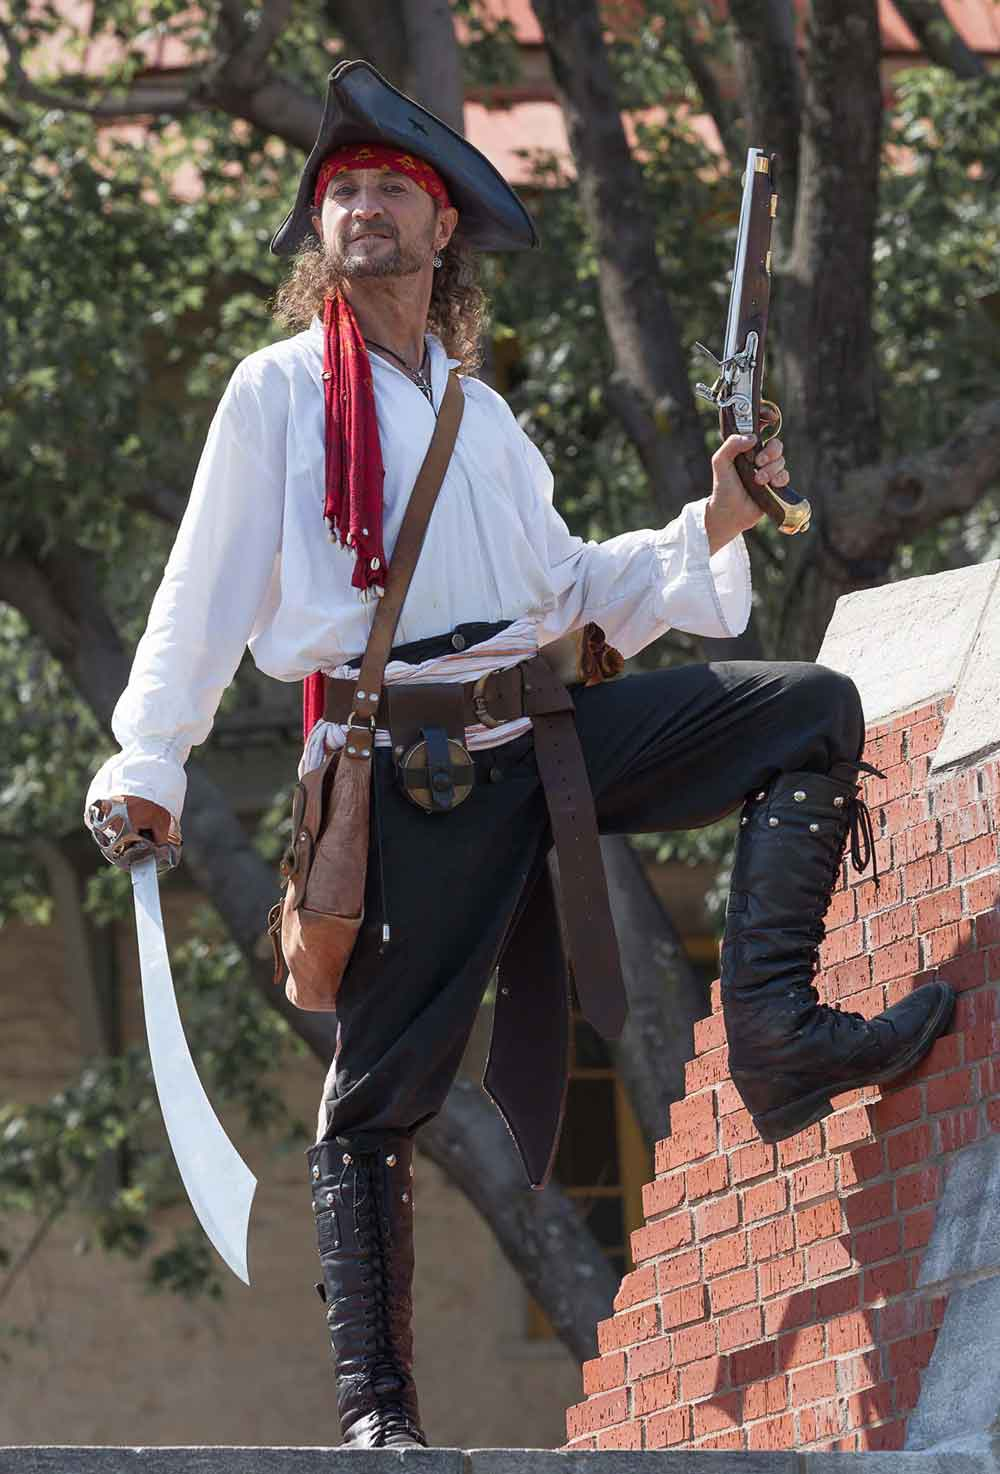 Pirate Capitaine Loran prêt à l'abordage avec son épée